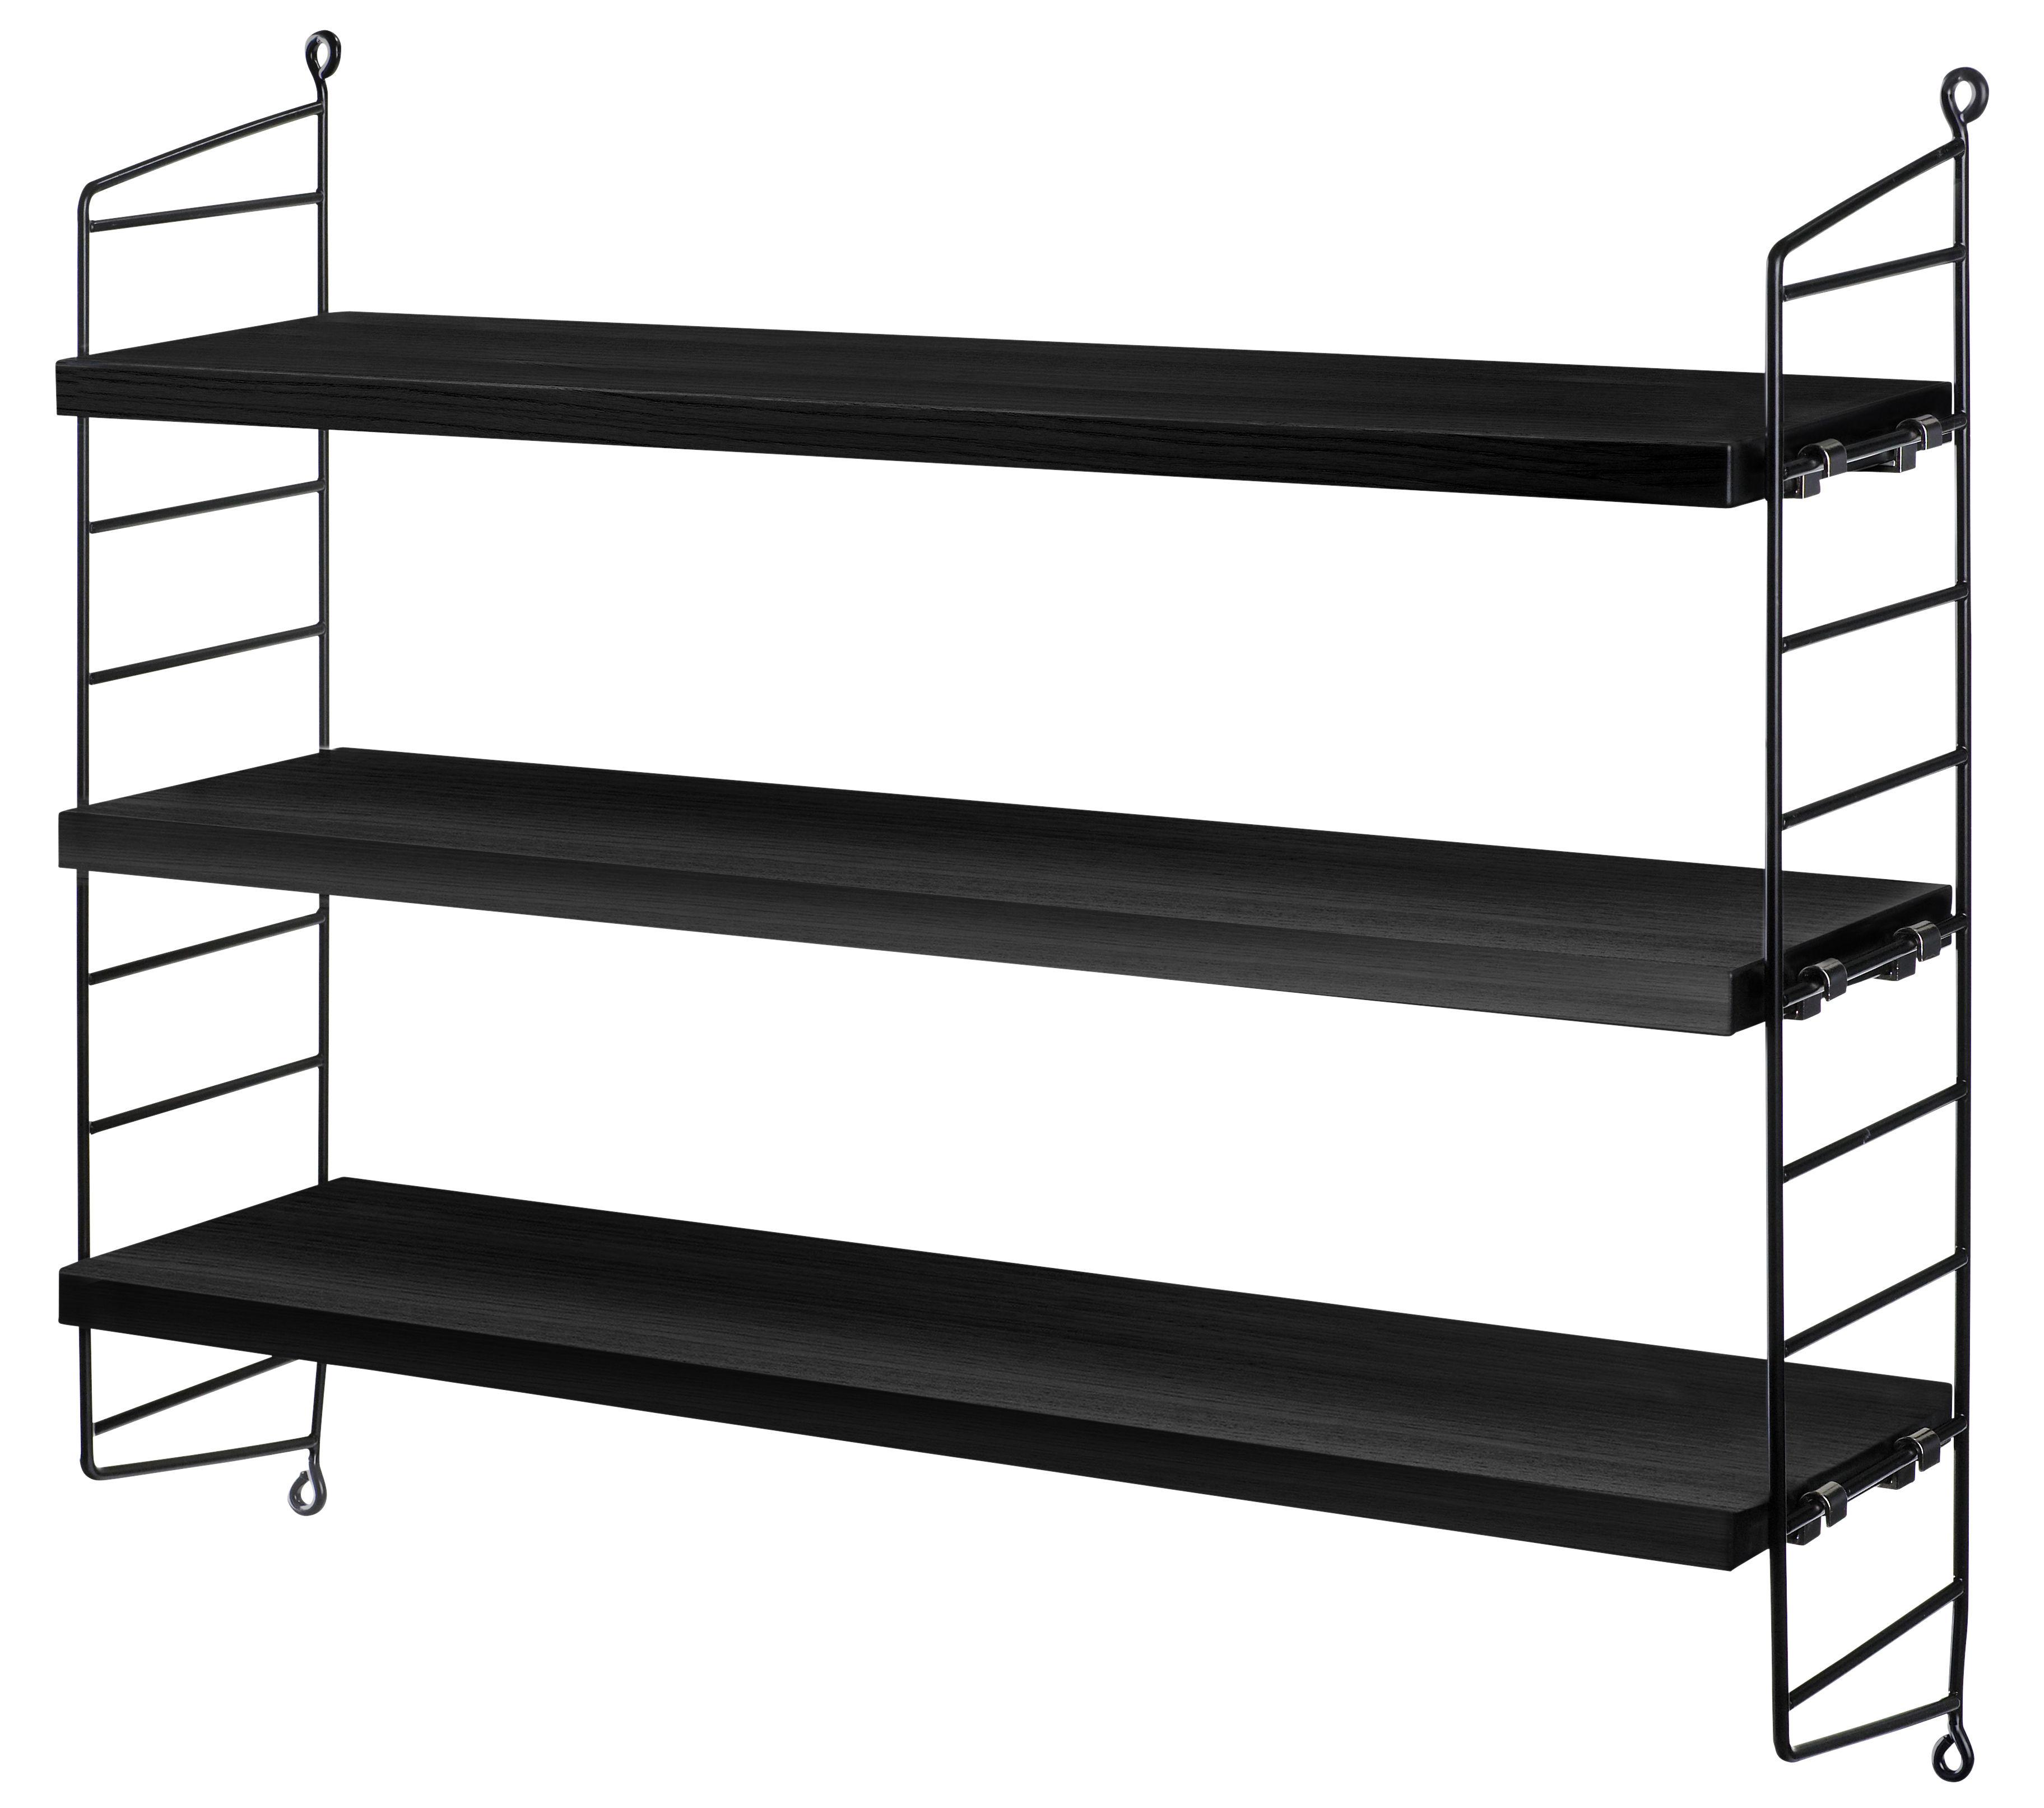 string pocket holz l 60 x h 50 cm string furniture. Black Bedroom Furniture Sets. Home Design Ideas